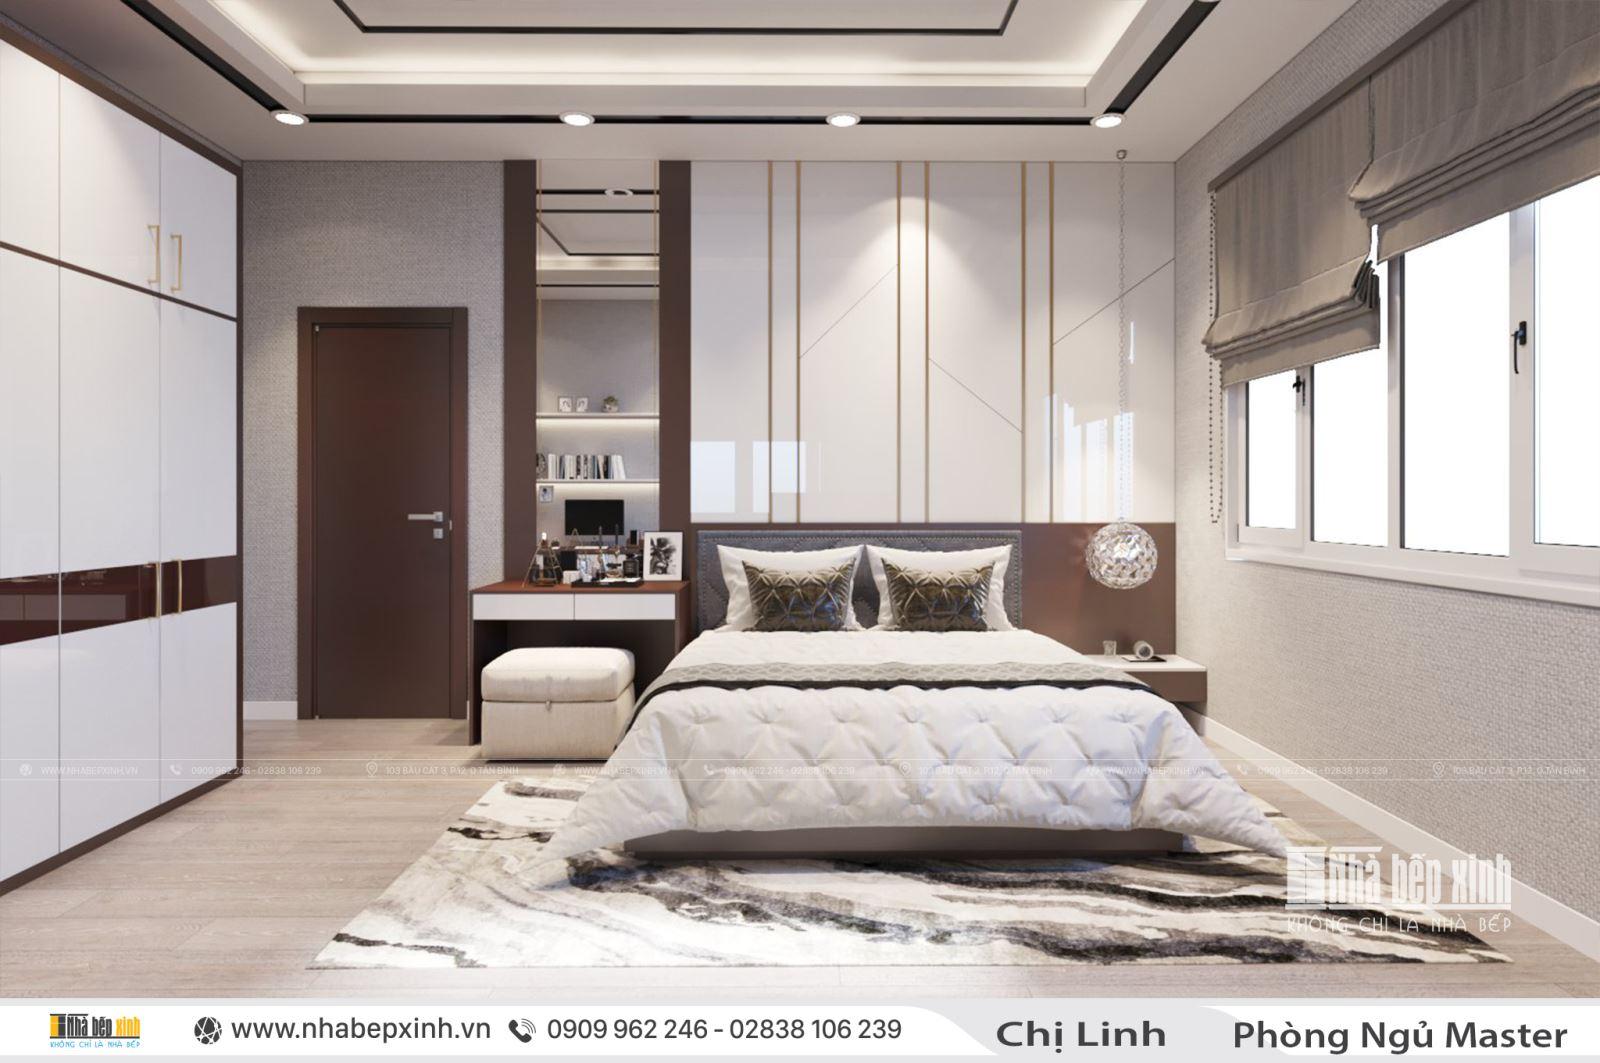 Thiết kế nội thất phòng ngủ hiện đại nhà chị Linh